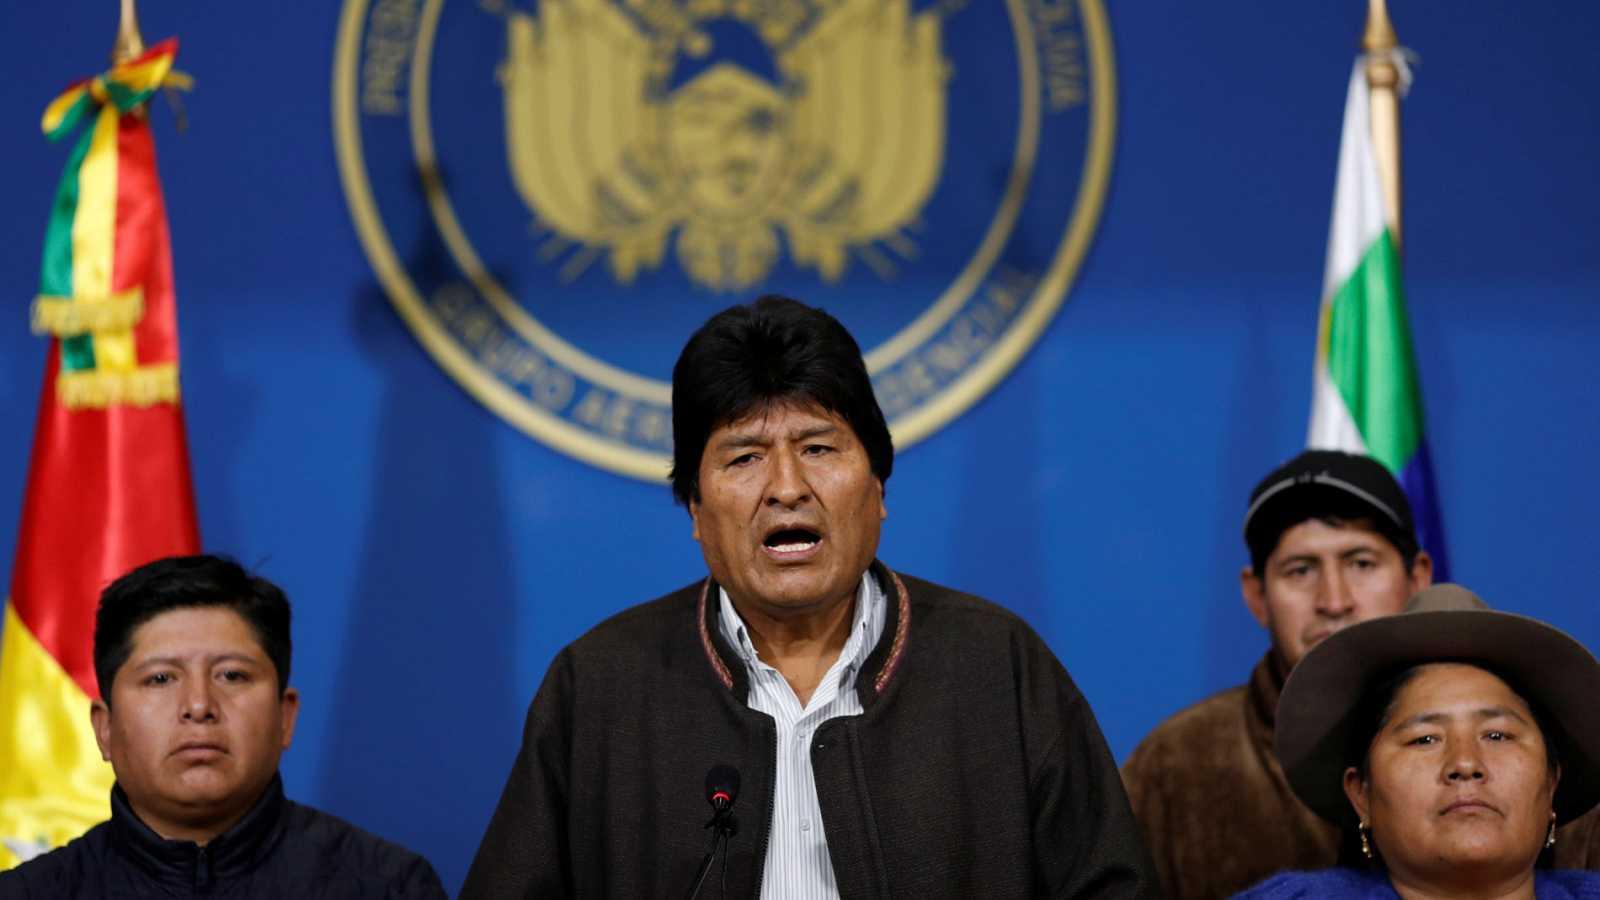 Evo-Morales2.jpg